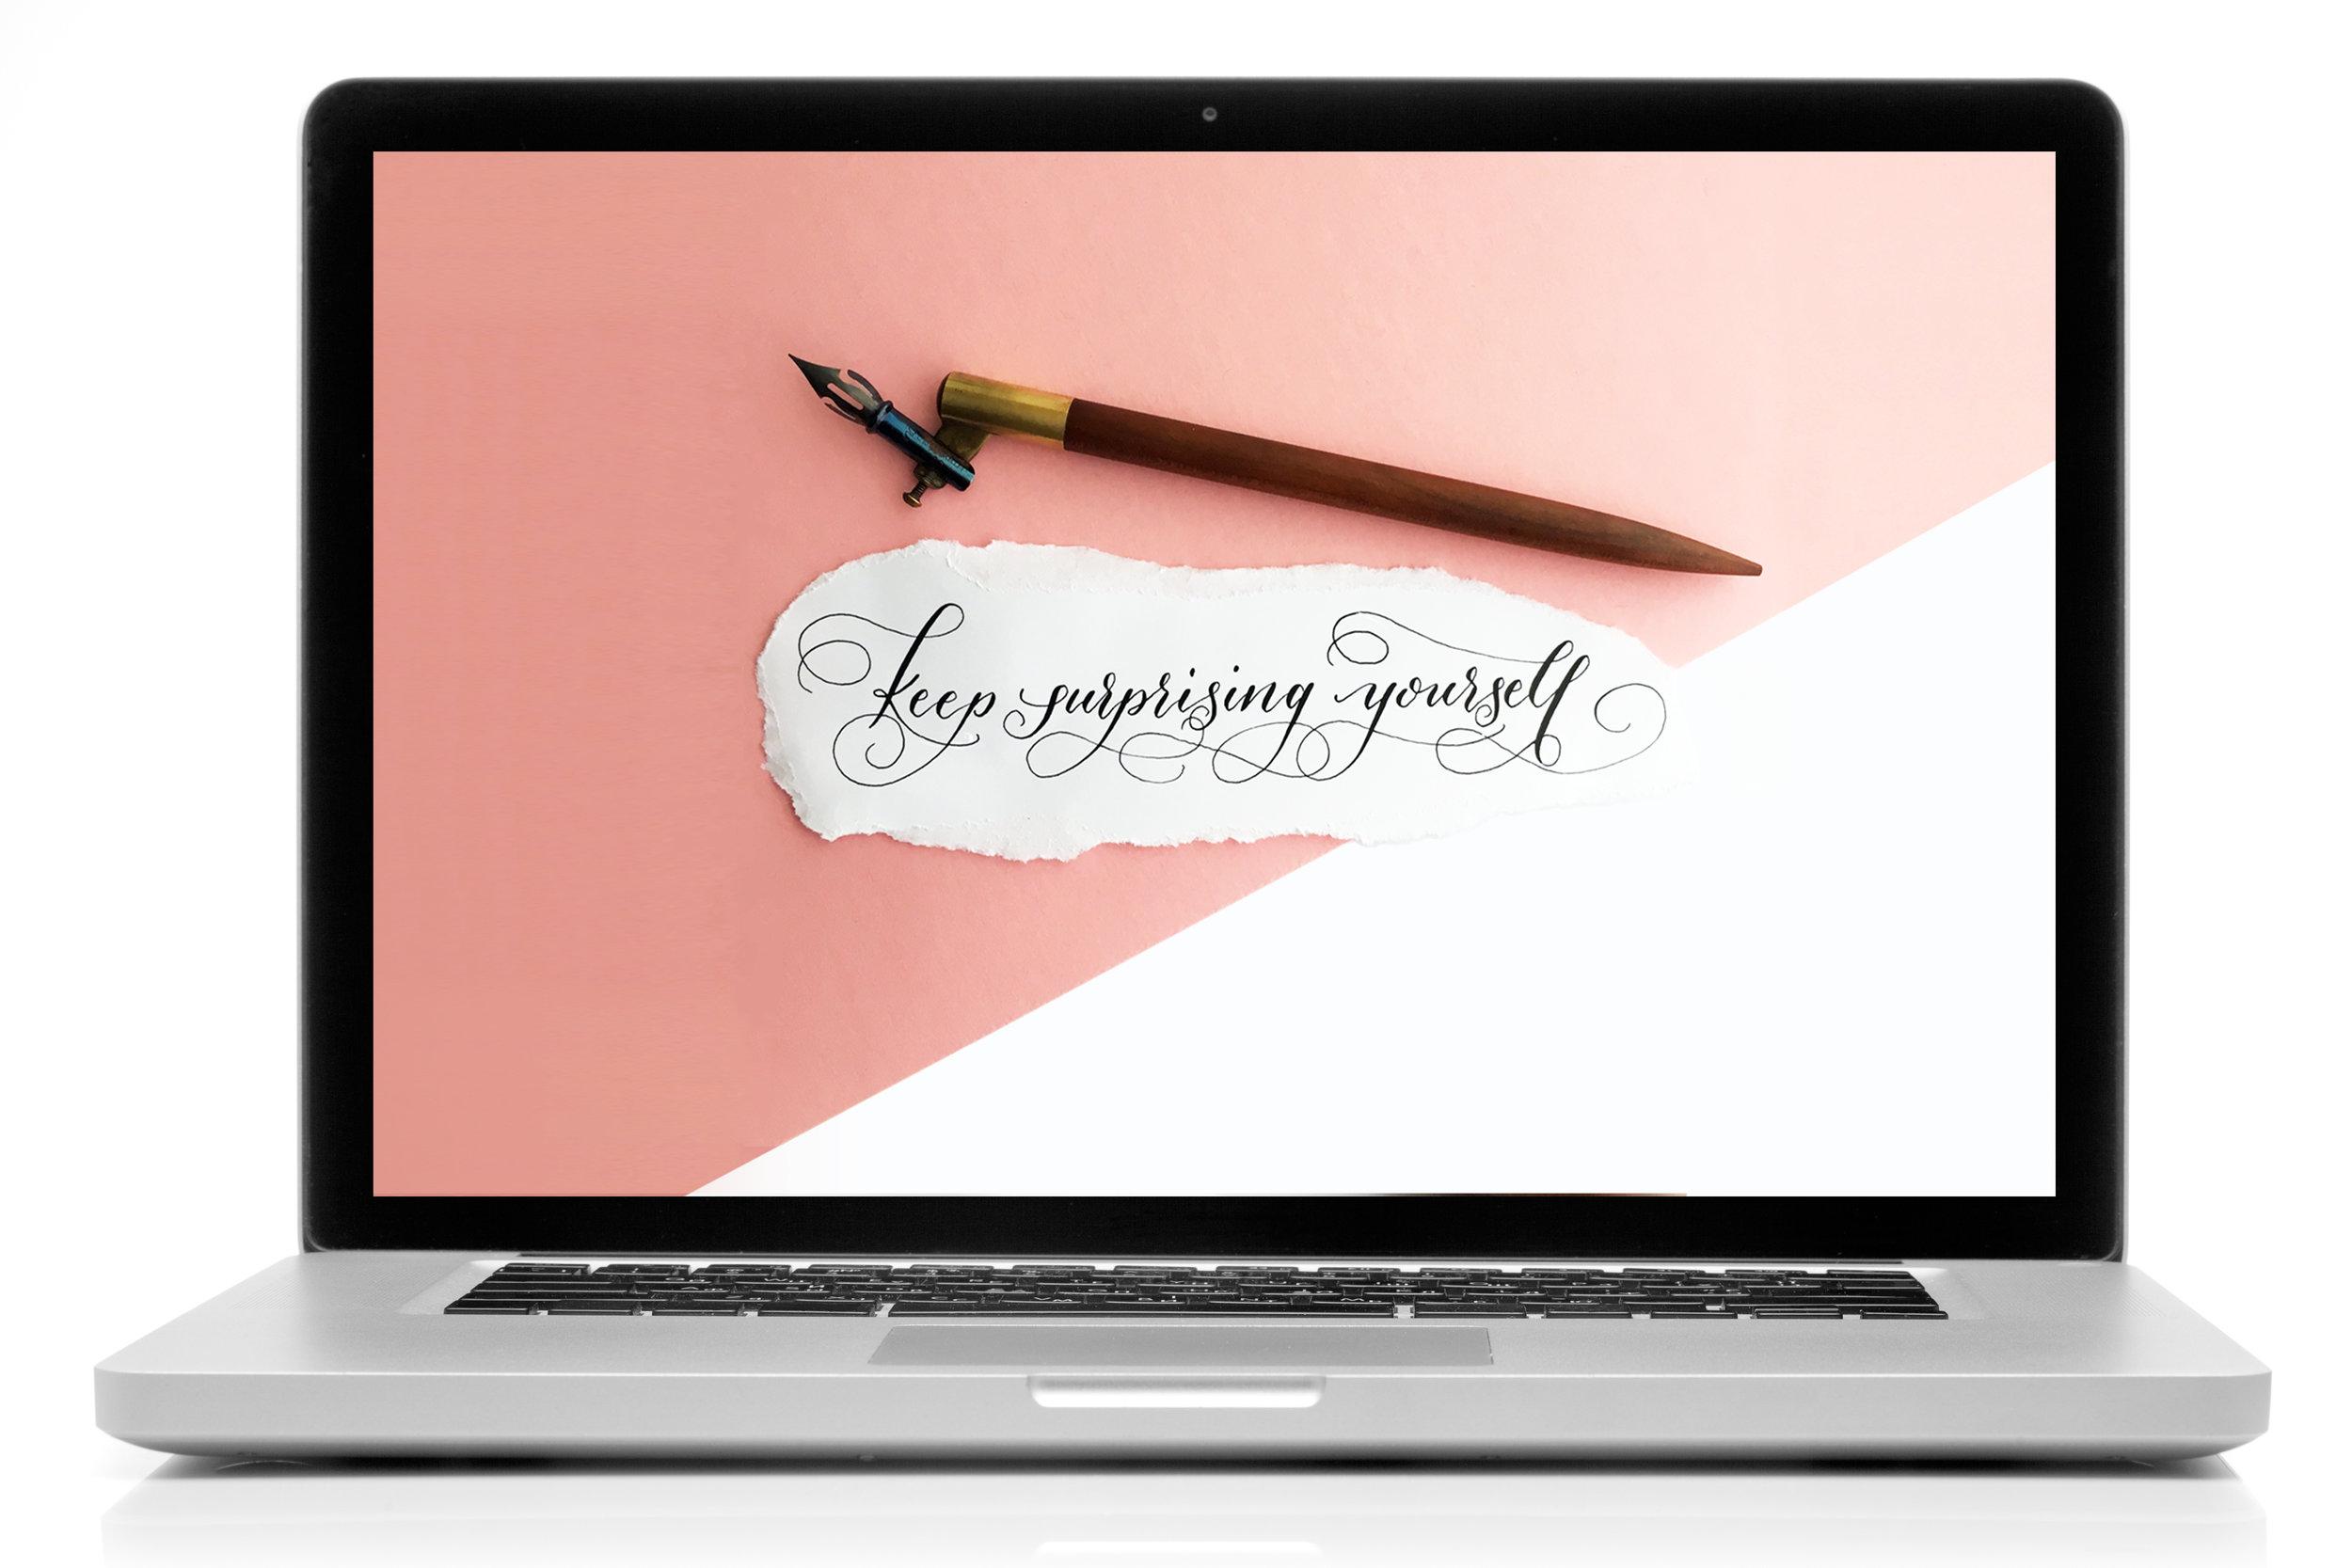 Keep-Suprising-Yourself-(MACBOOK).jpg